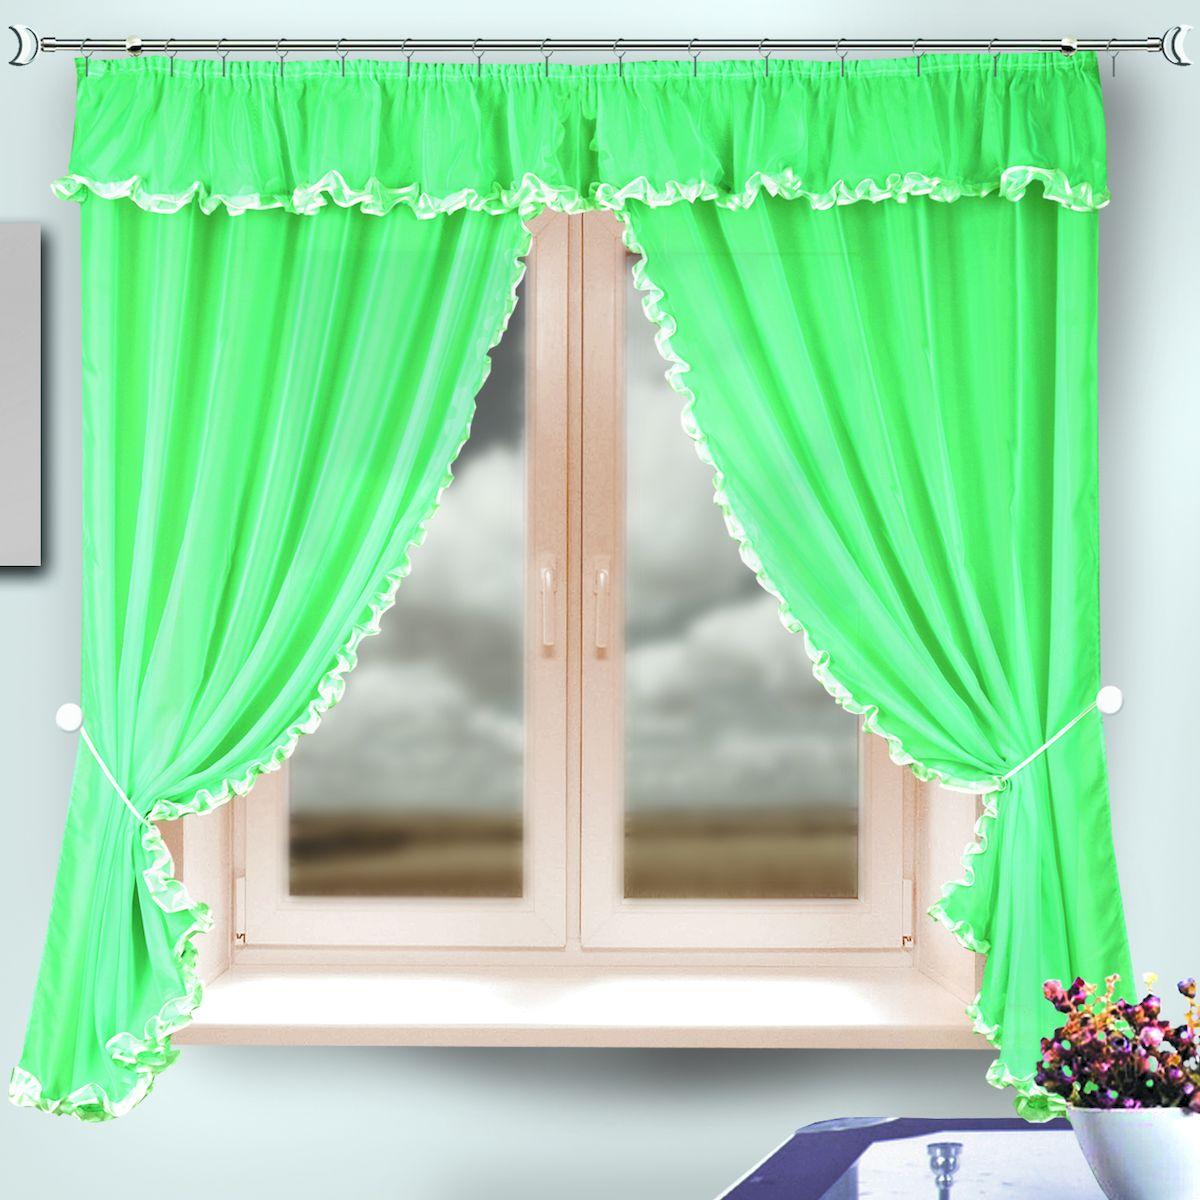 Комплект штор для кухни Zlata Korunka, на ленте, цвет: зеленый, высота 170 см. 3333179988_ЛентаКомплект штор для кухни Zlata Korunka, выполненный из полиэстера, великолепно украсит любое окно. Комплект состоит из 2 штор и ламбрекена. Классический крой и приятная цветовая гамма привлекут к себе внимание и органично впишутся в интерьер помещения. Этот комплект будет долгое время радовать вас и вашу семью!Комплект крепится на карниз при помощи ленты, которая поможет красиво и равномерно задрапировать верх.В комплект входит: Штора: 2 шт. Размер (Ш х В): 140 х 170 см.Ламбрекен: 1 шт. Размер (Ш х В): 290 х 30 см.